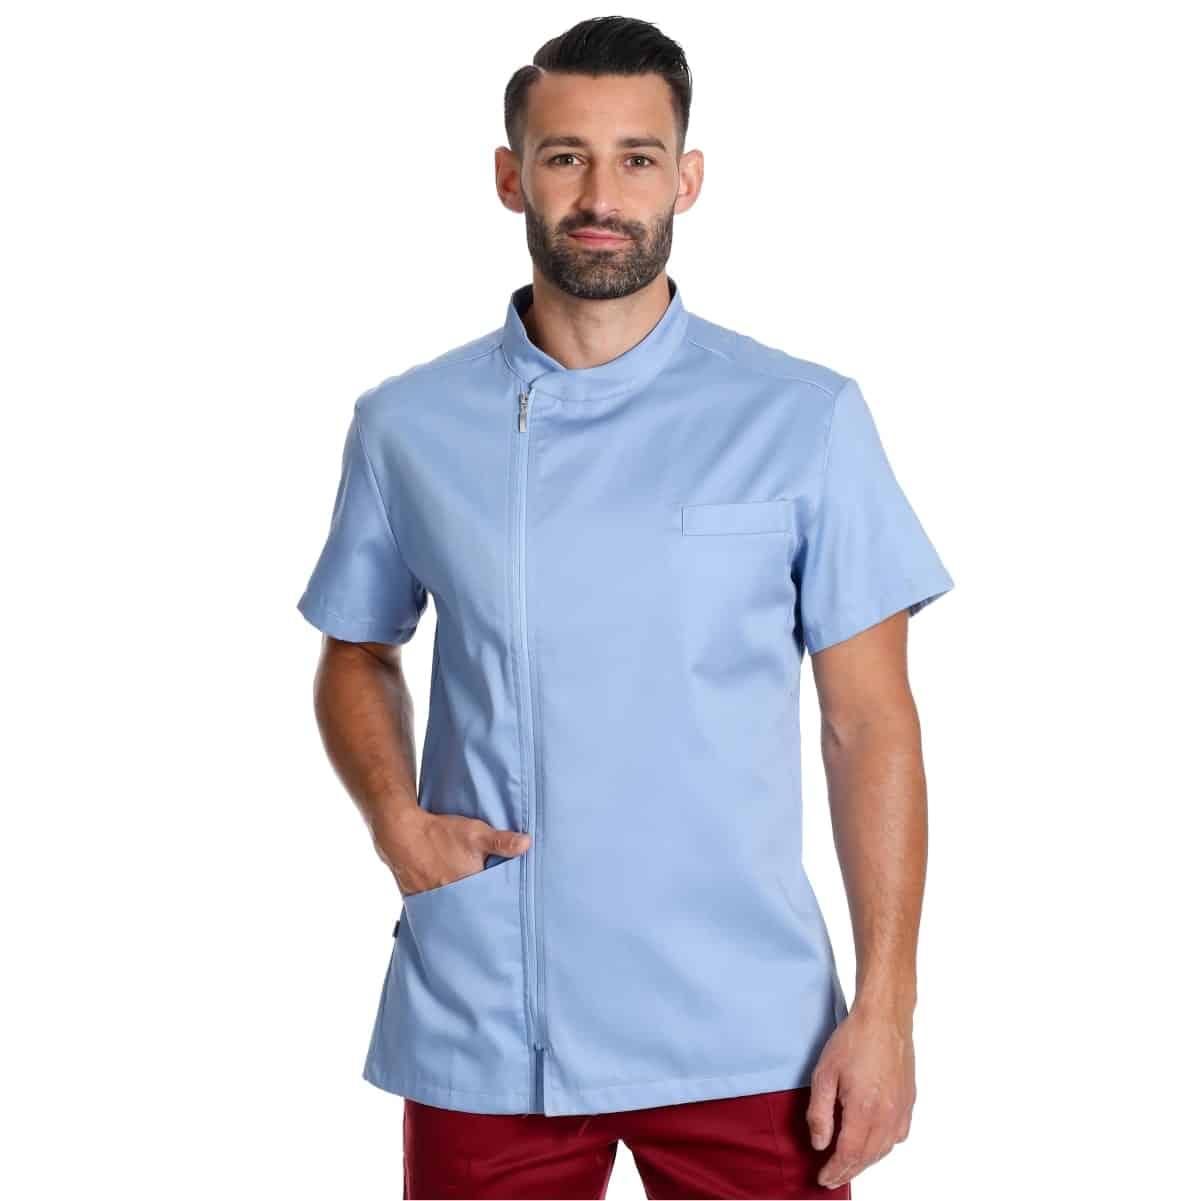 ruggero-azzurro-maniche-corte-abbigliamento-sanitario-casacca medico personalizzata